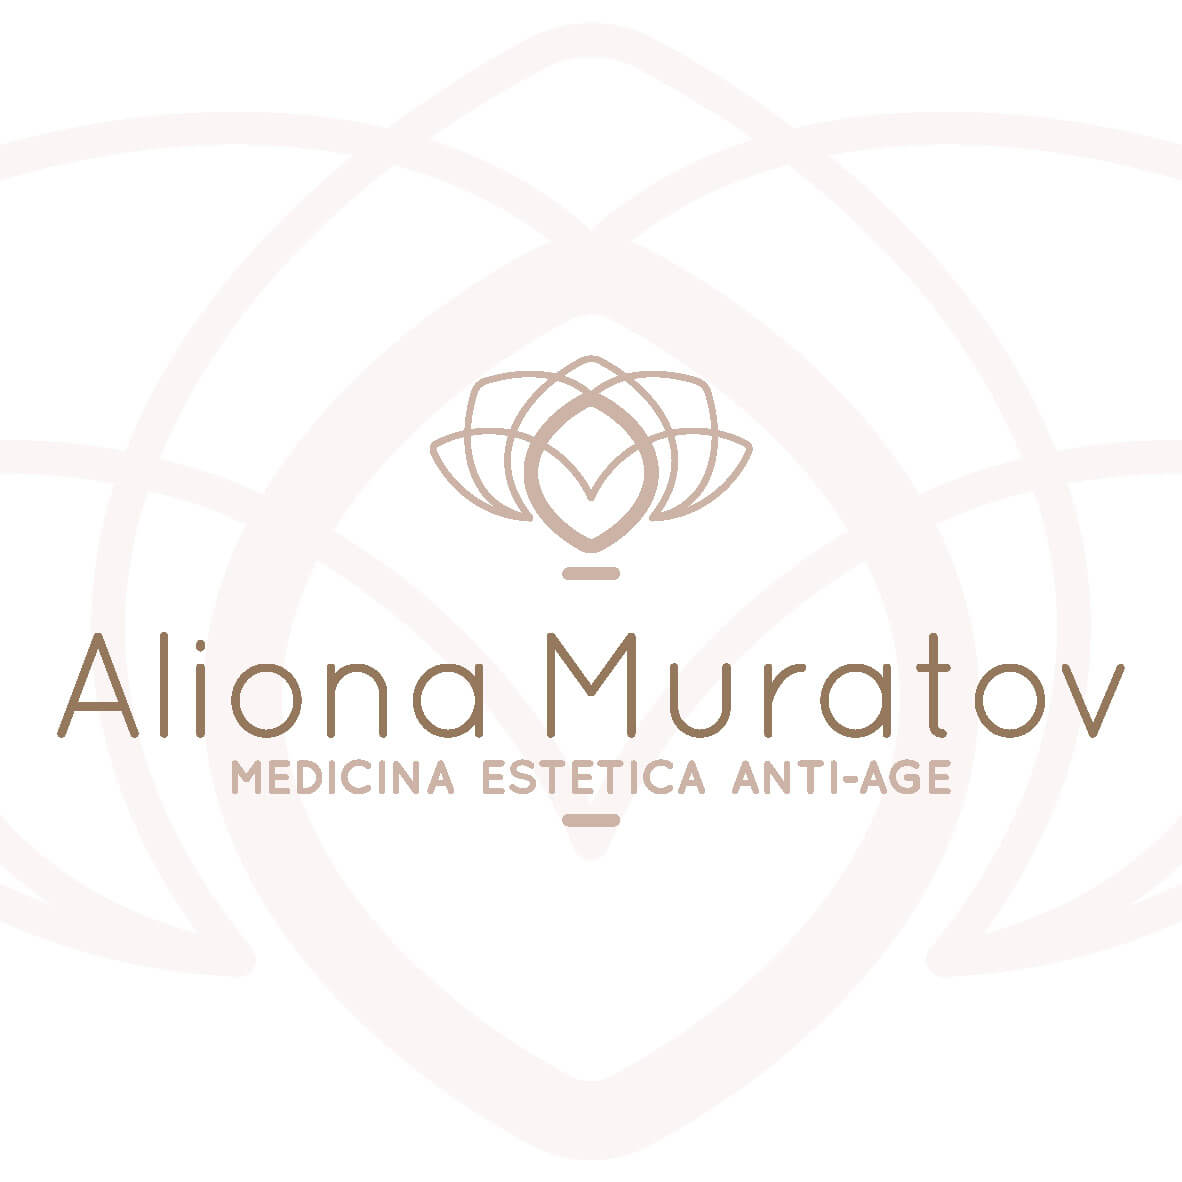 ALIONA MURATOV